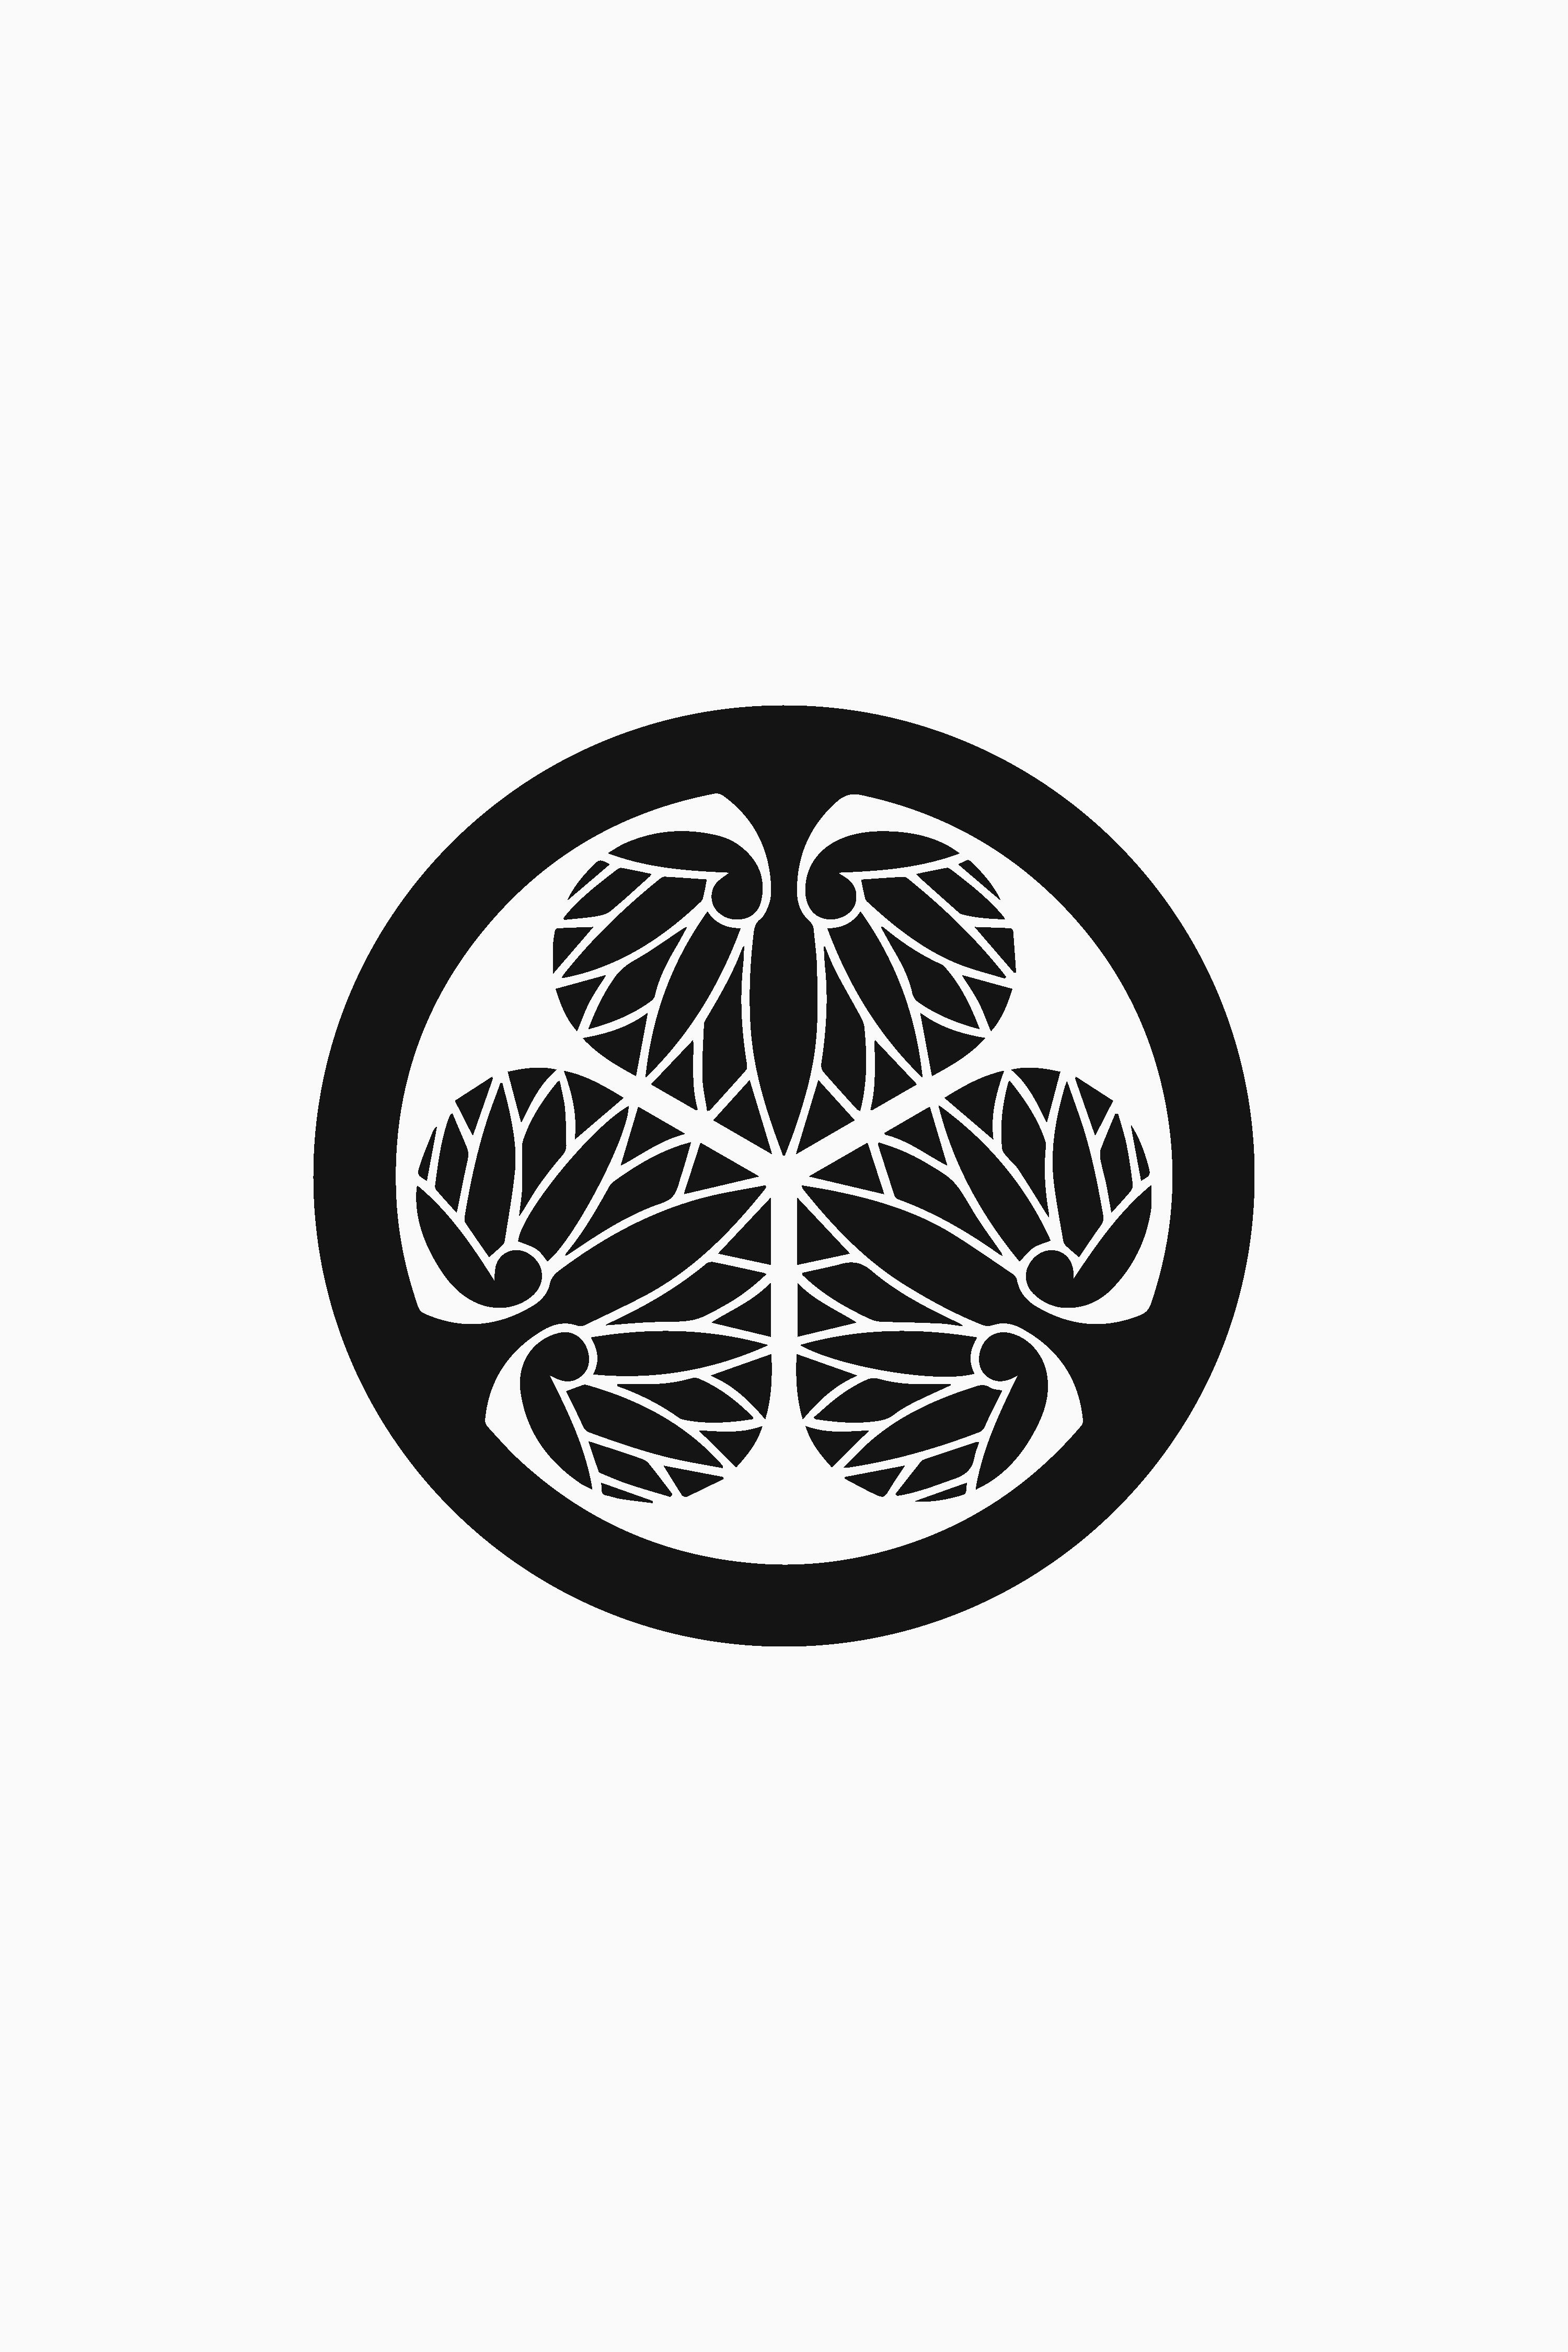 Tokugawa Clan Black Mon Clan Hollyhocks Flowers Edo Period